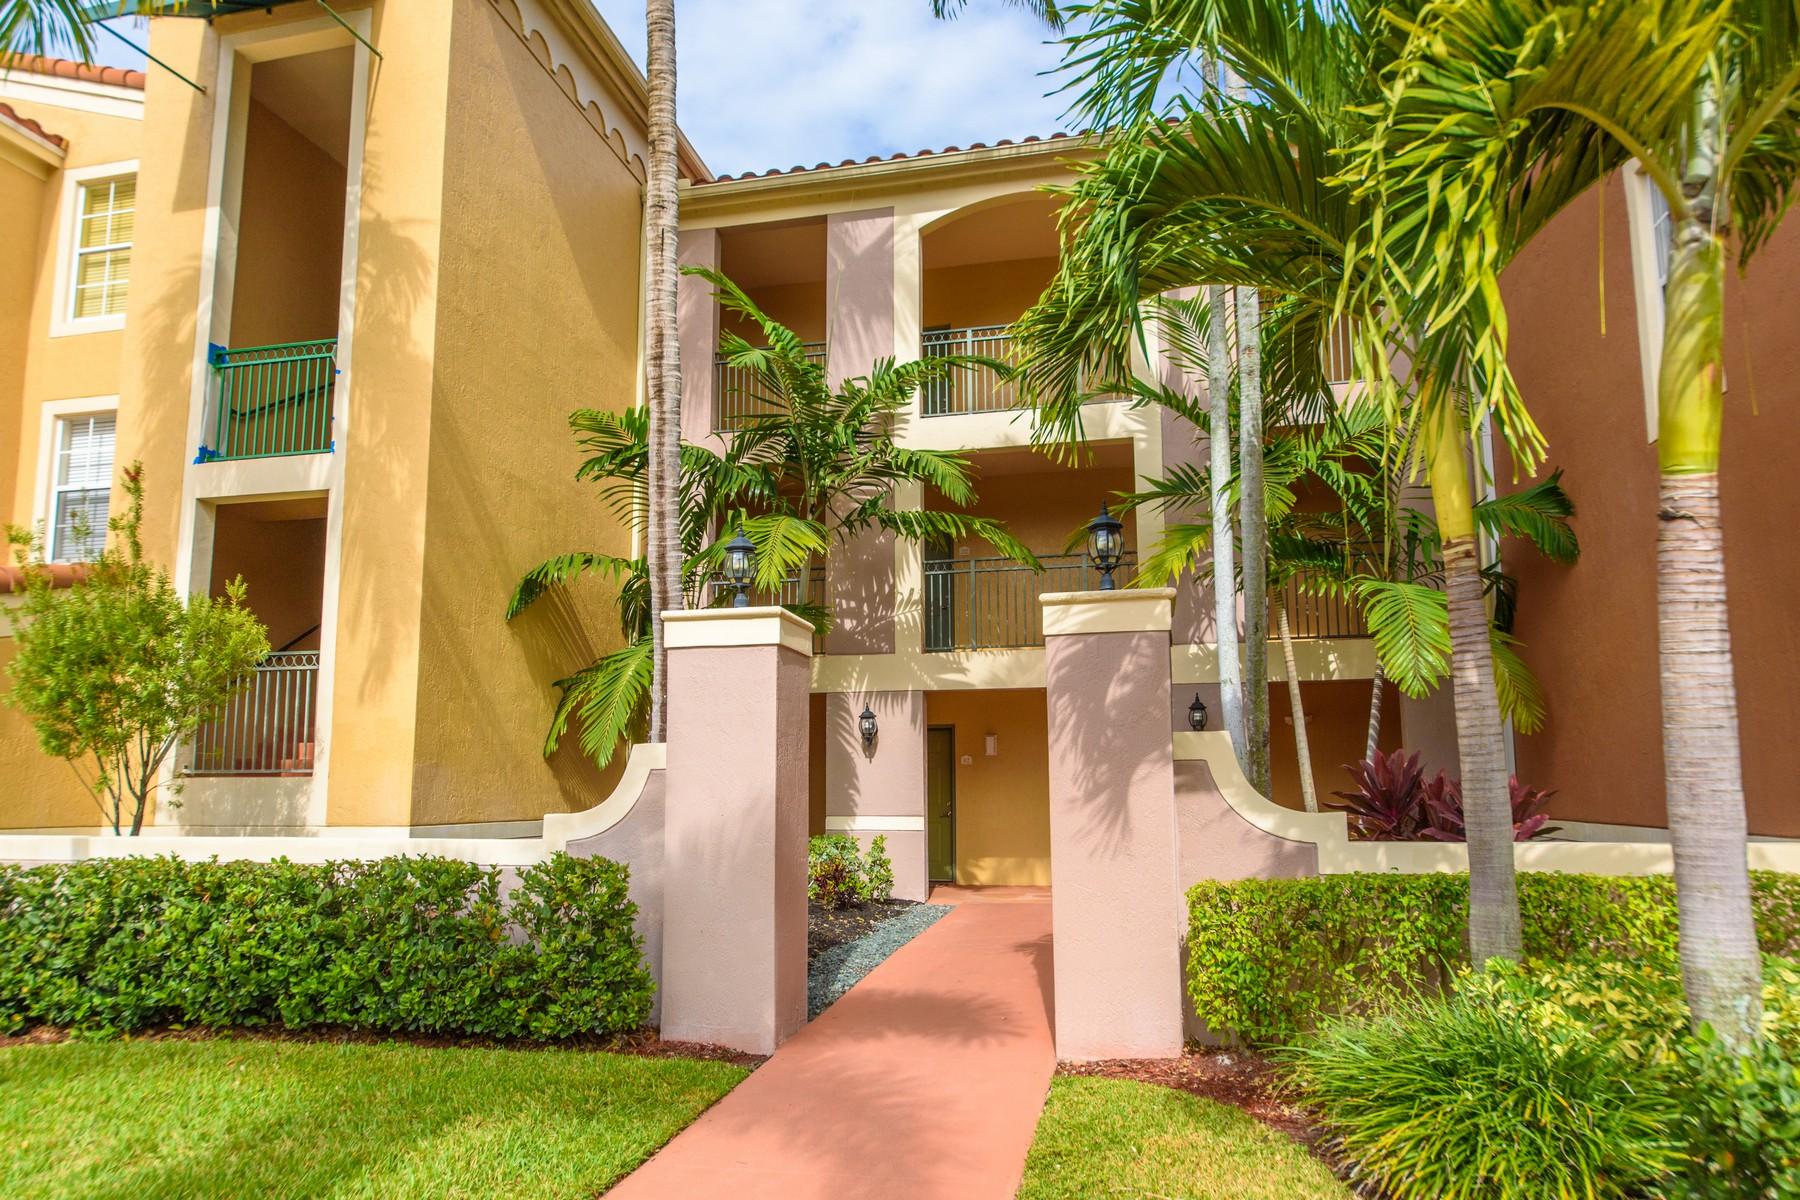 Vivienda unifamiliar por un Venta en 11790 St. Andrews 303 11790 St. Andrews Place #303 Wellington, Florida, 33414 Estados Unidos